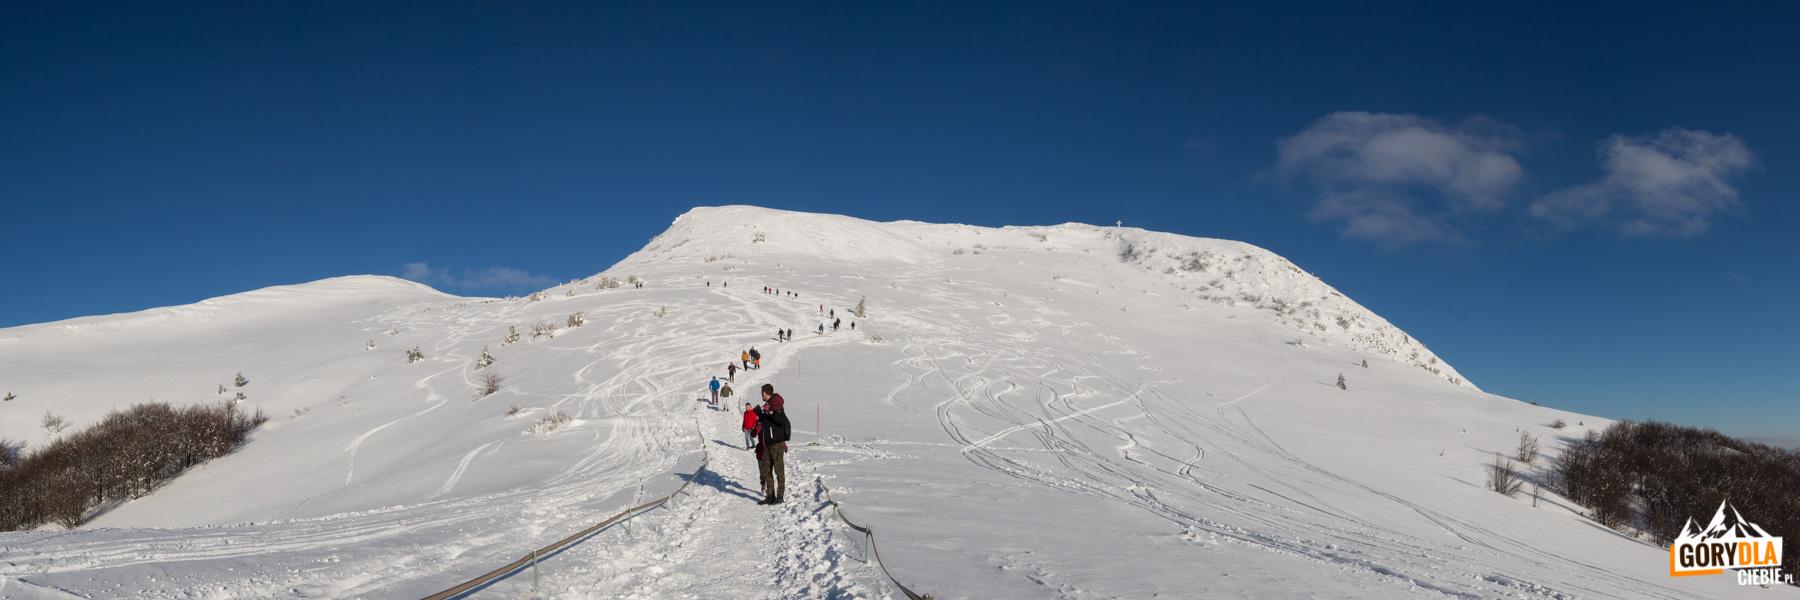 Turyści na szlaku na Przełęcz pod Tarnicą, po prawej stronie Tarnica, po lewej Tarniczka i Szeroki Wierch